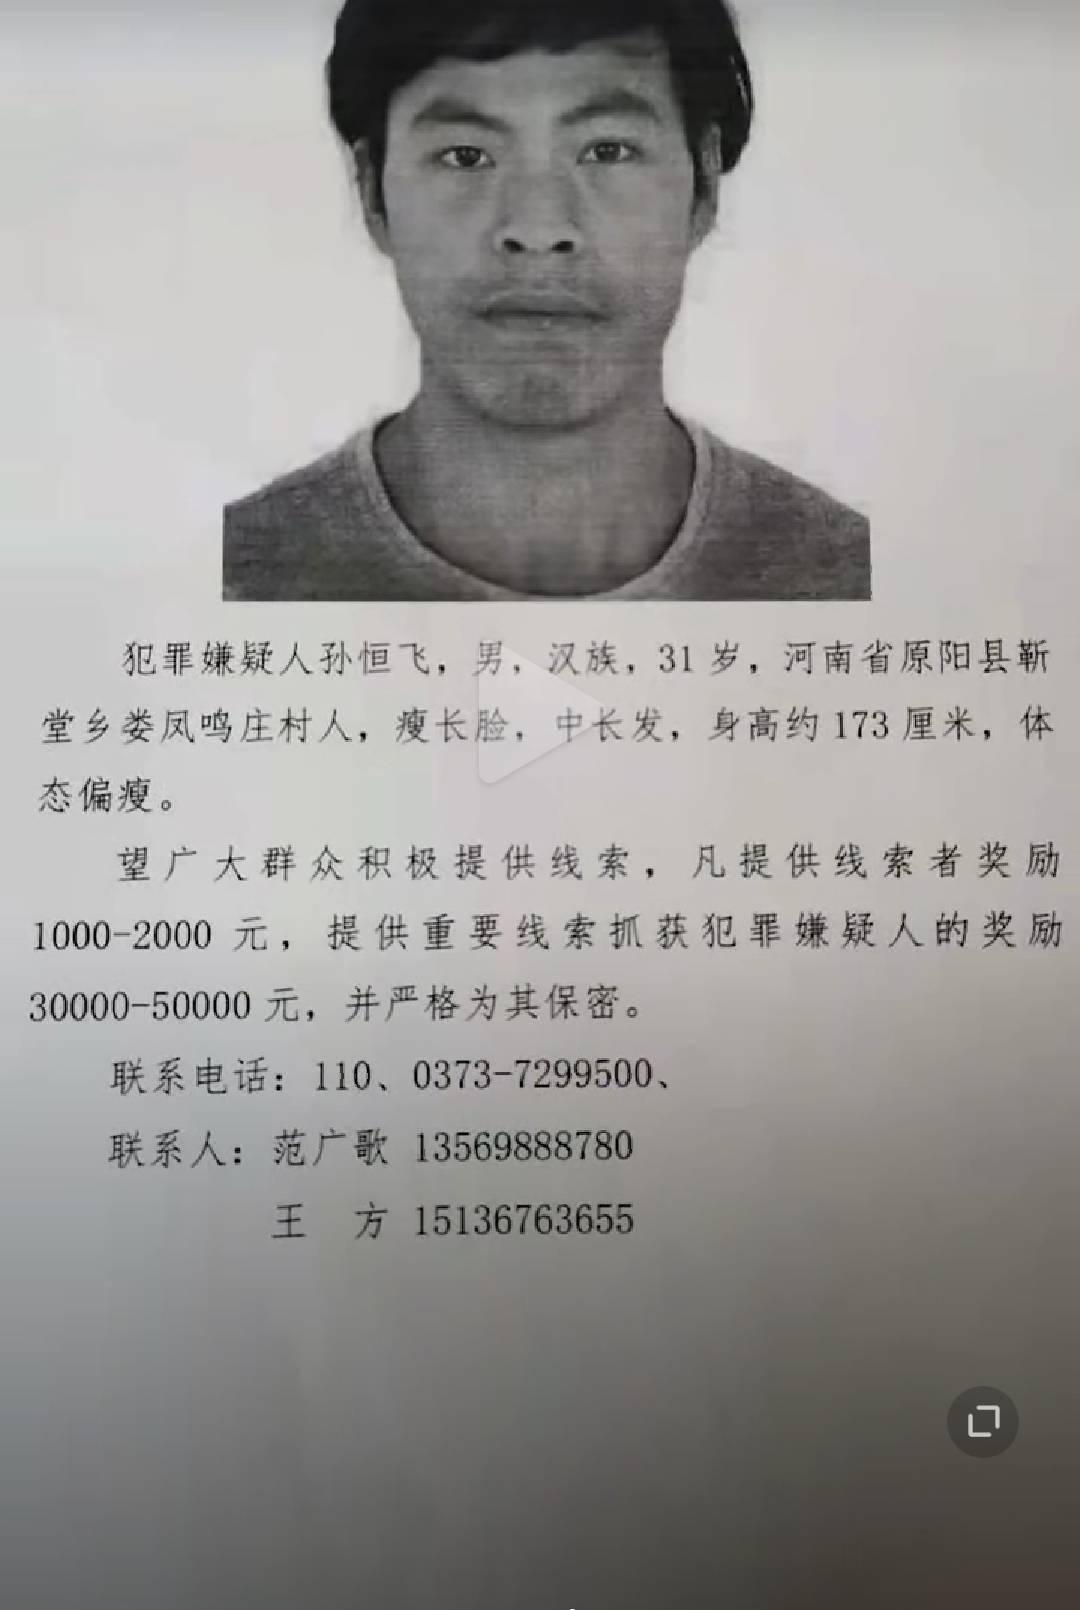 知情人回忆原阳杀6人嫌疑人:工作不稳定,和受害者丈夫是同学